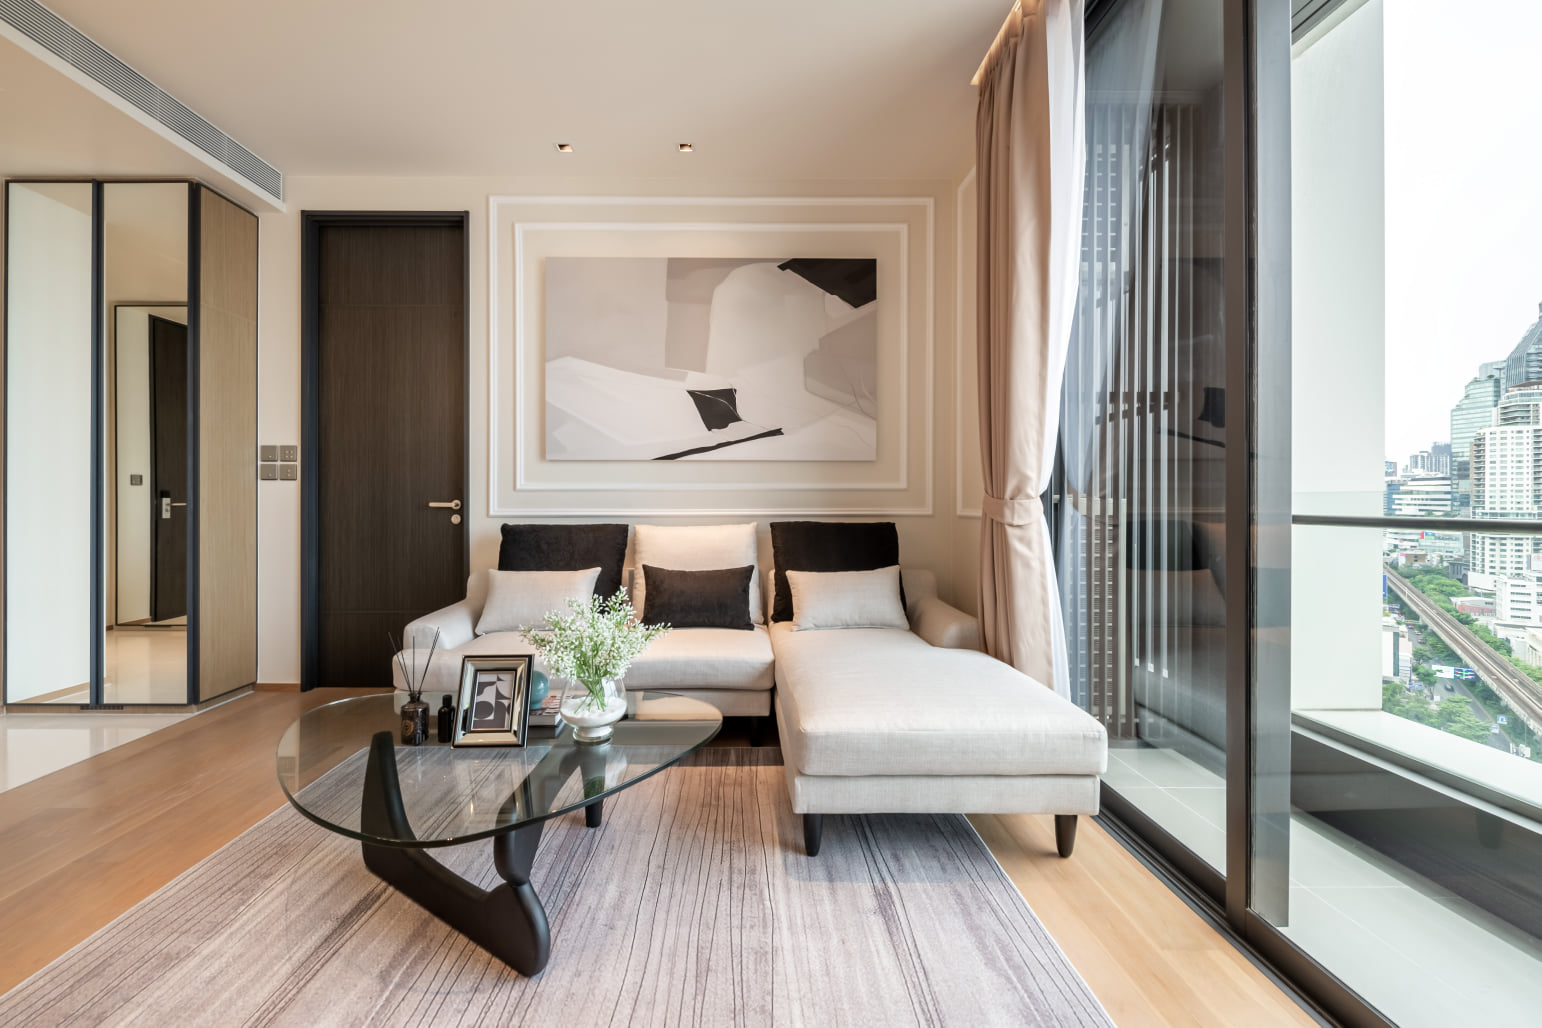 BEATNIQ Sukhumvit 32 - 1 bed